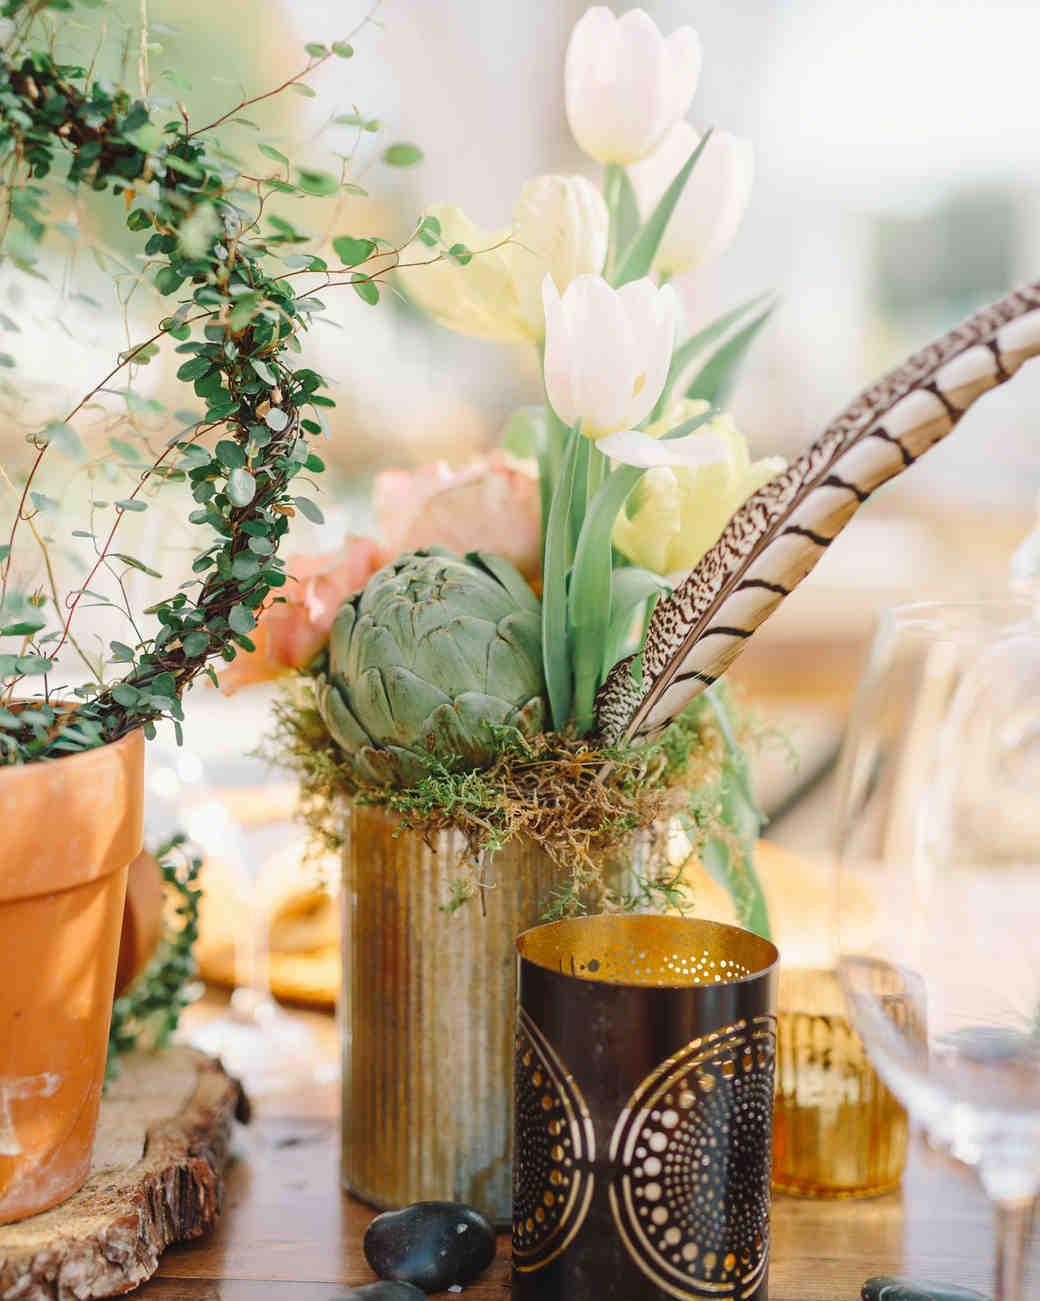 lizzy-bucky-wedding-centerpiece-311-s111857-0315.jpg